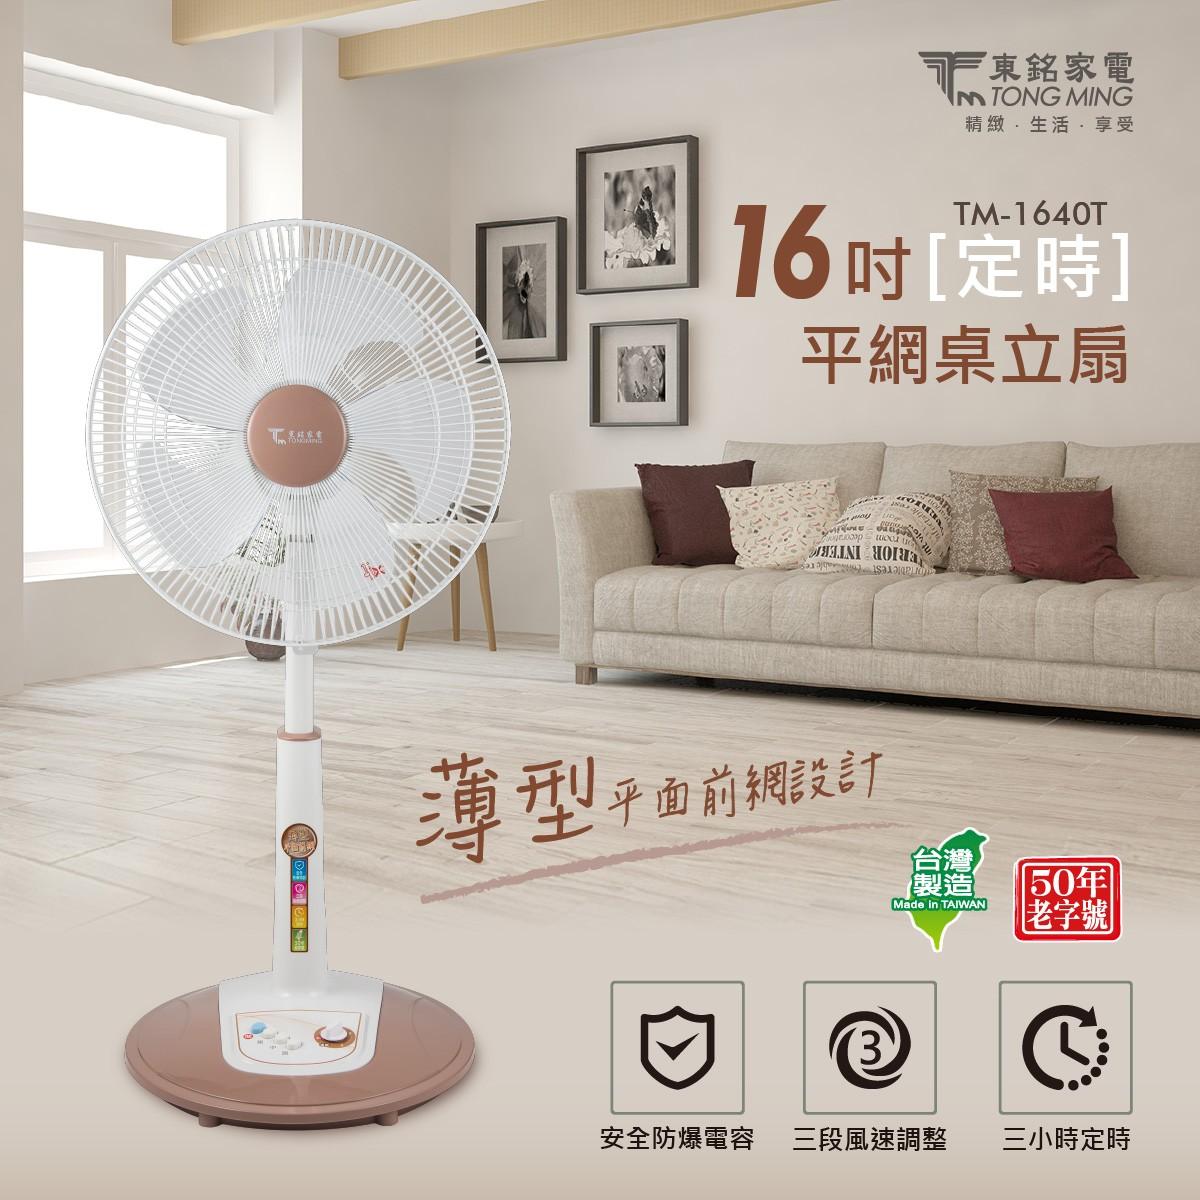 <新品上市>東銘 16吋定時平網桌立扇 TM-1640T 定時風扇